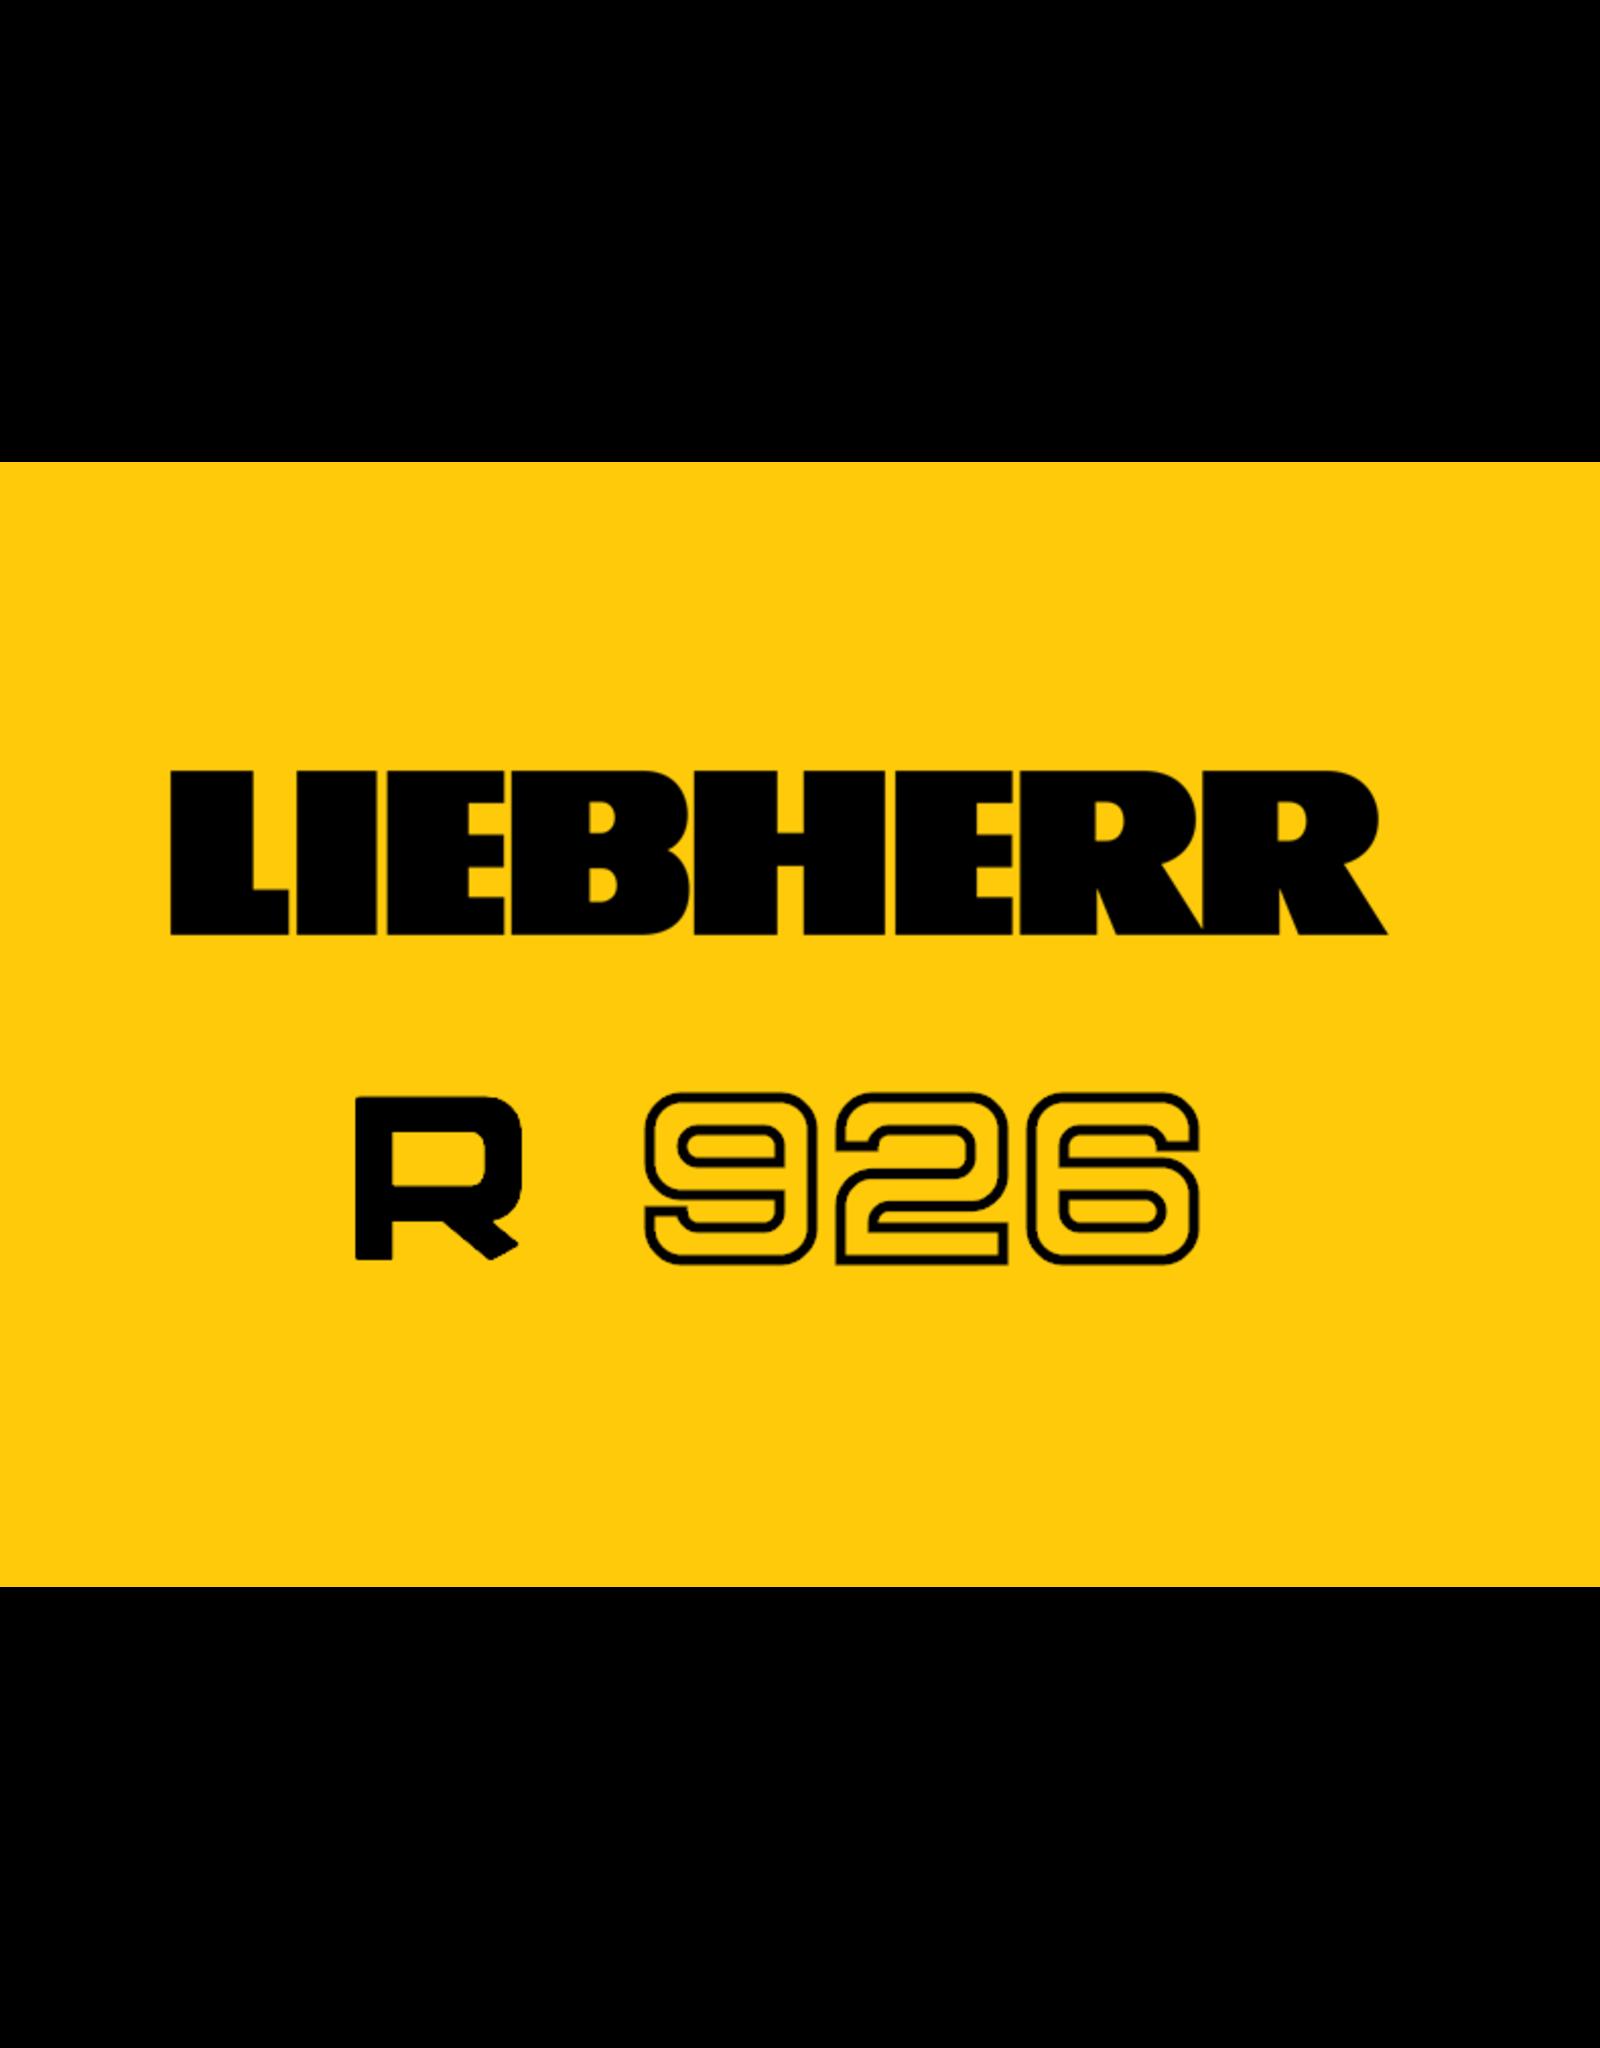 Echle Hartstahl GmbH FOPS für Liebherr R 926